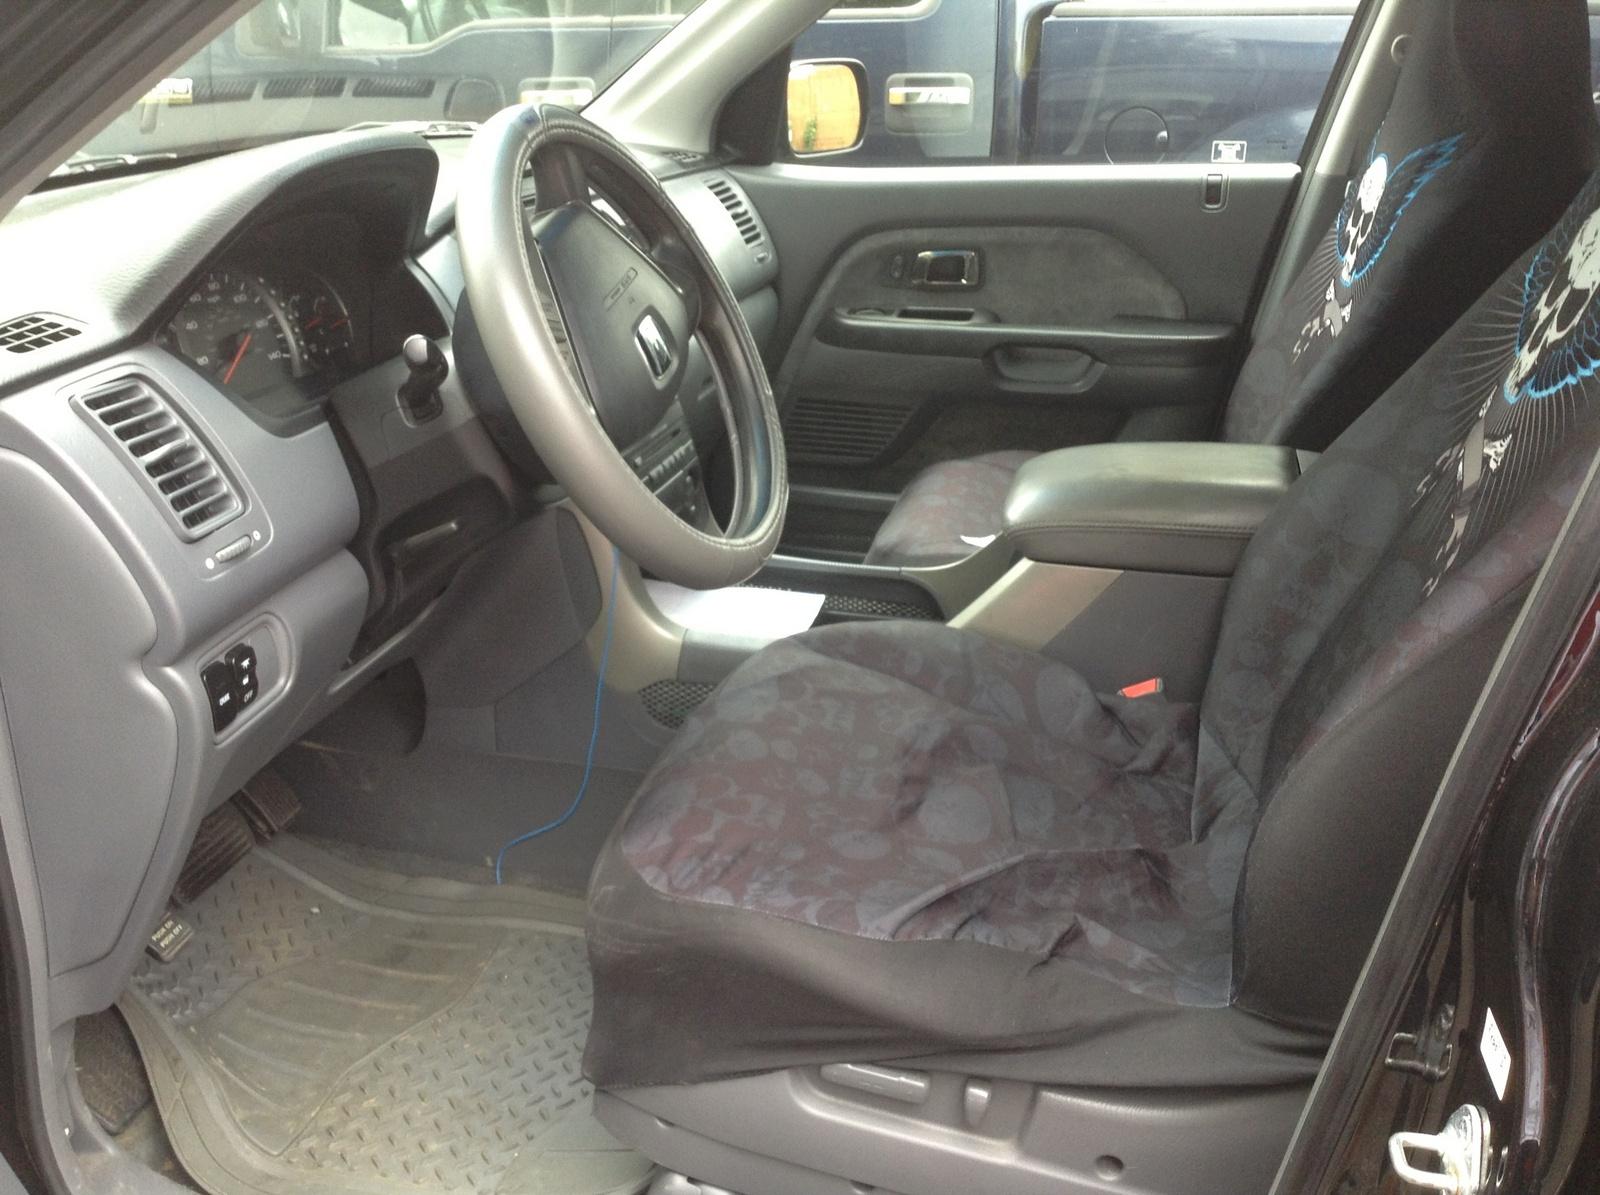 2004 Honda Civic Hybrid >> 2005 Honda Pilot - Interior Pictures - CarGurus